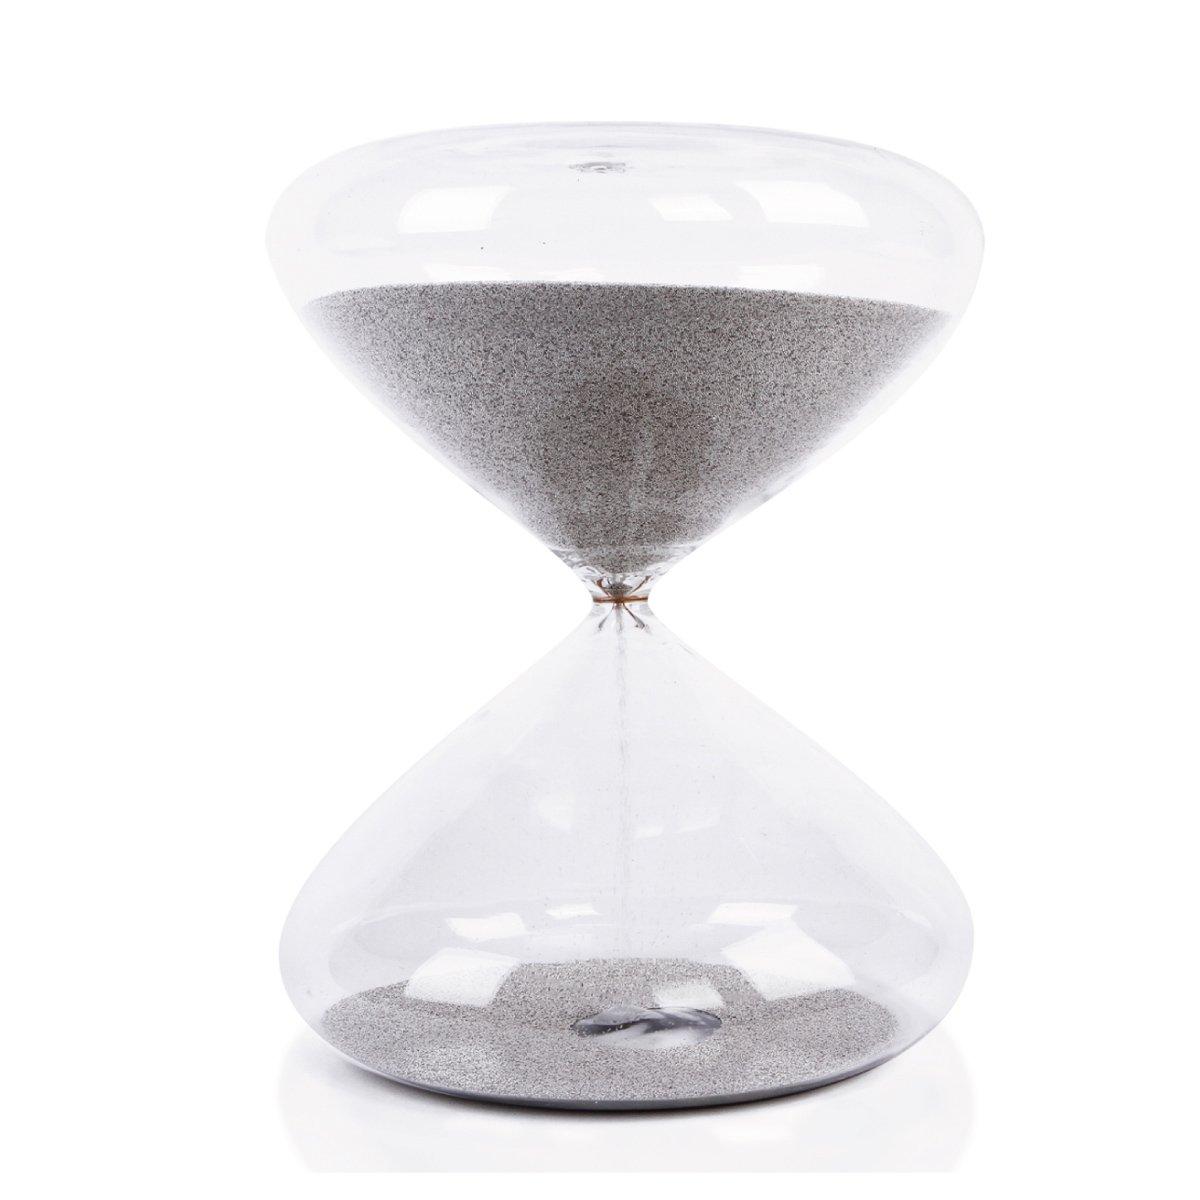 (アイクポッド)Ikepod  高さ約14センチメートルの砂時計サンドタイマー 25分計 ステンレス製ナノボール B01DVB0BZIステンレス H-14cmT-25Min(誤差:約±6秒/分)